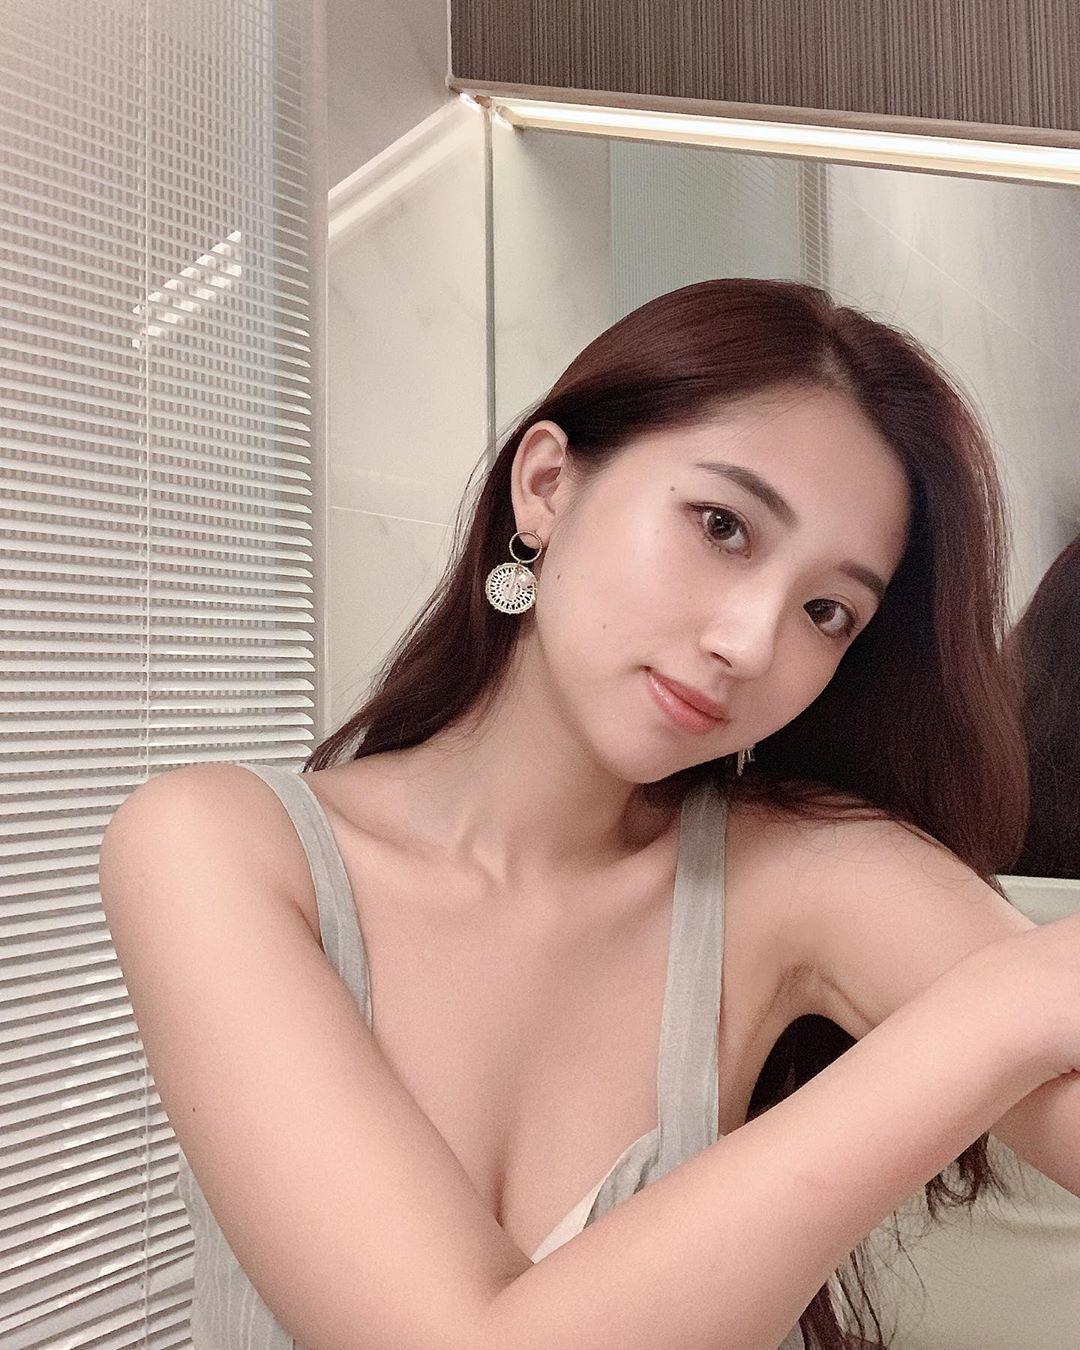 uCGzwk - IG正妹—何蓁 Chen Ho